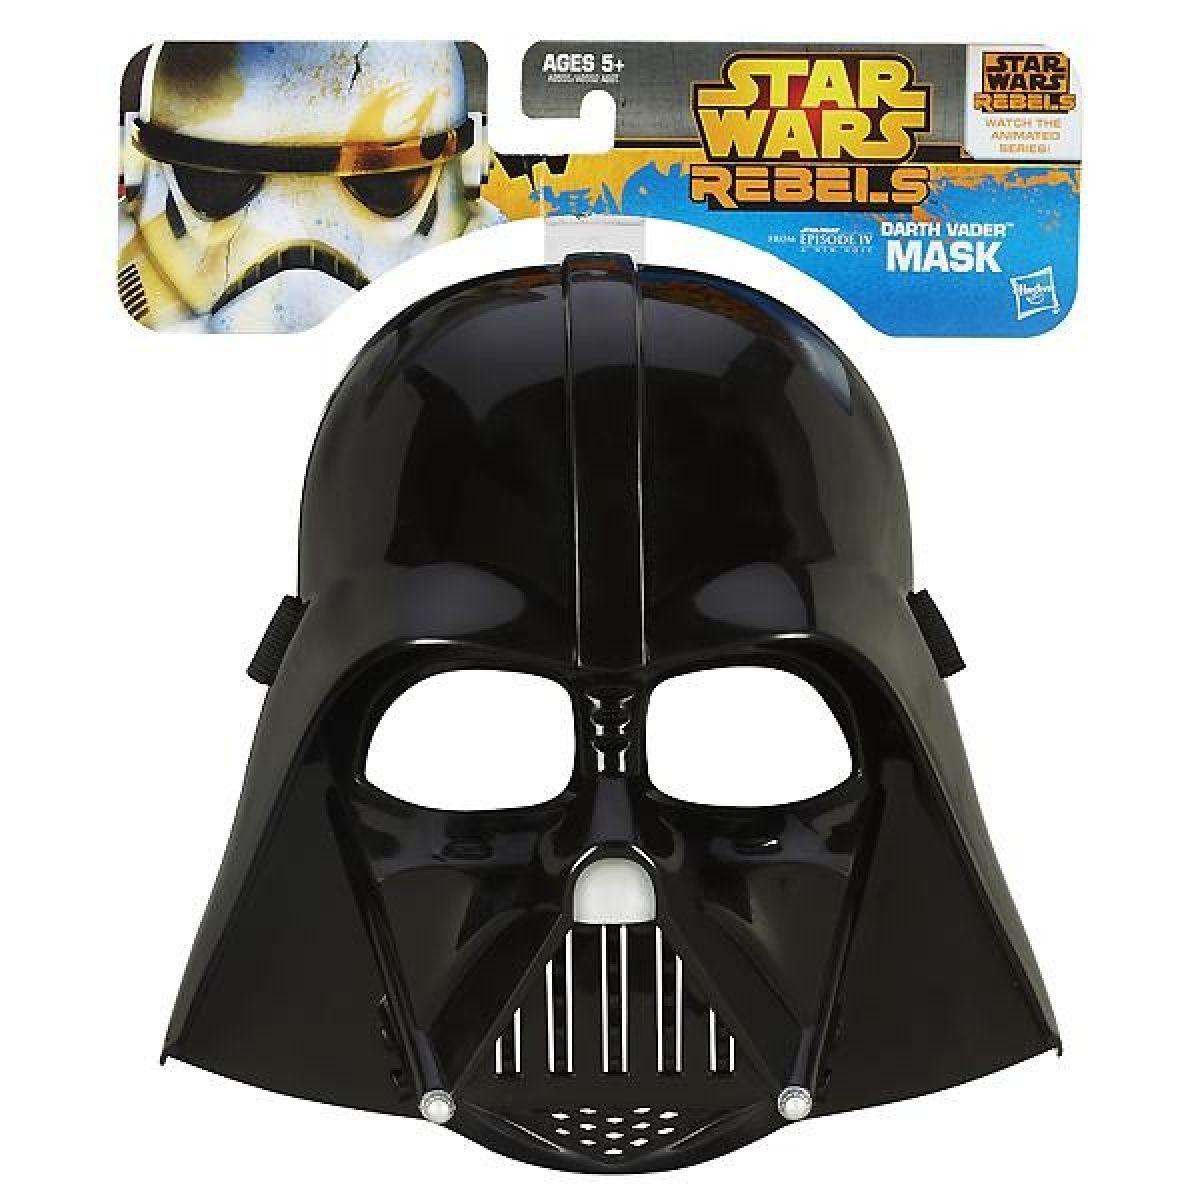 Hasbro Star Wars rebelská maska - Darth Vader